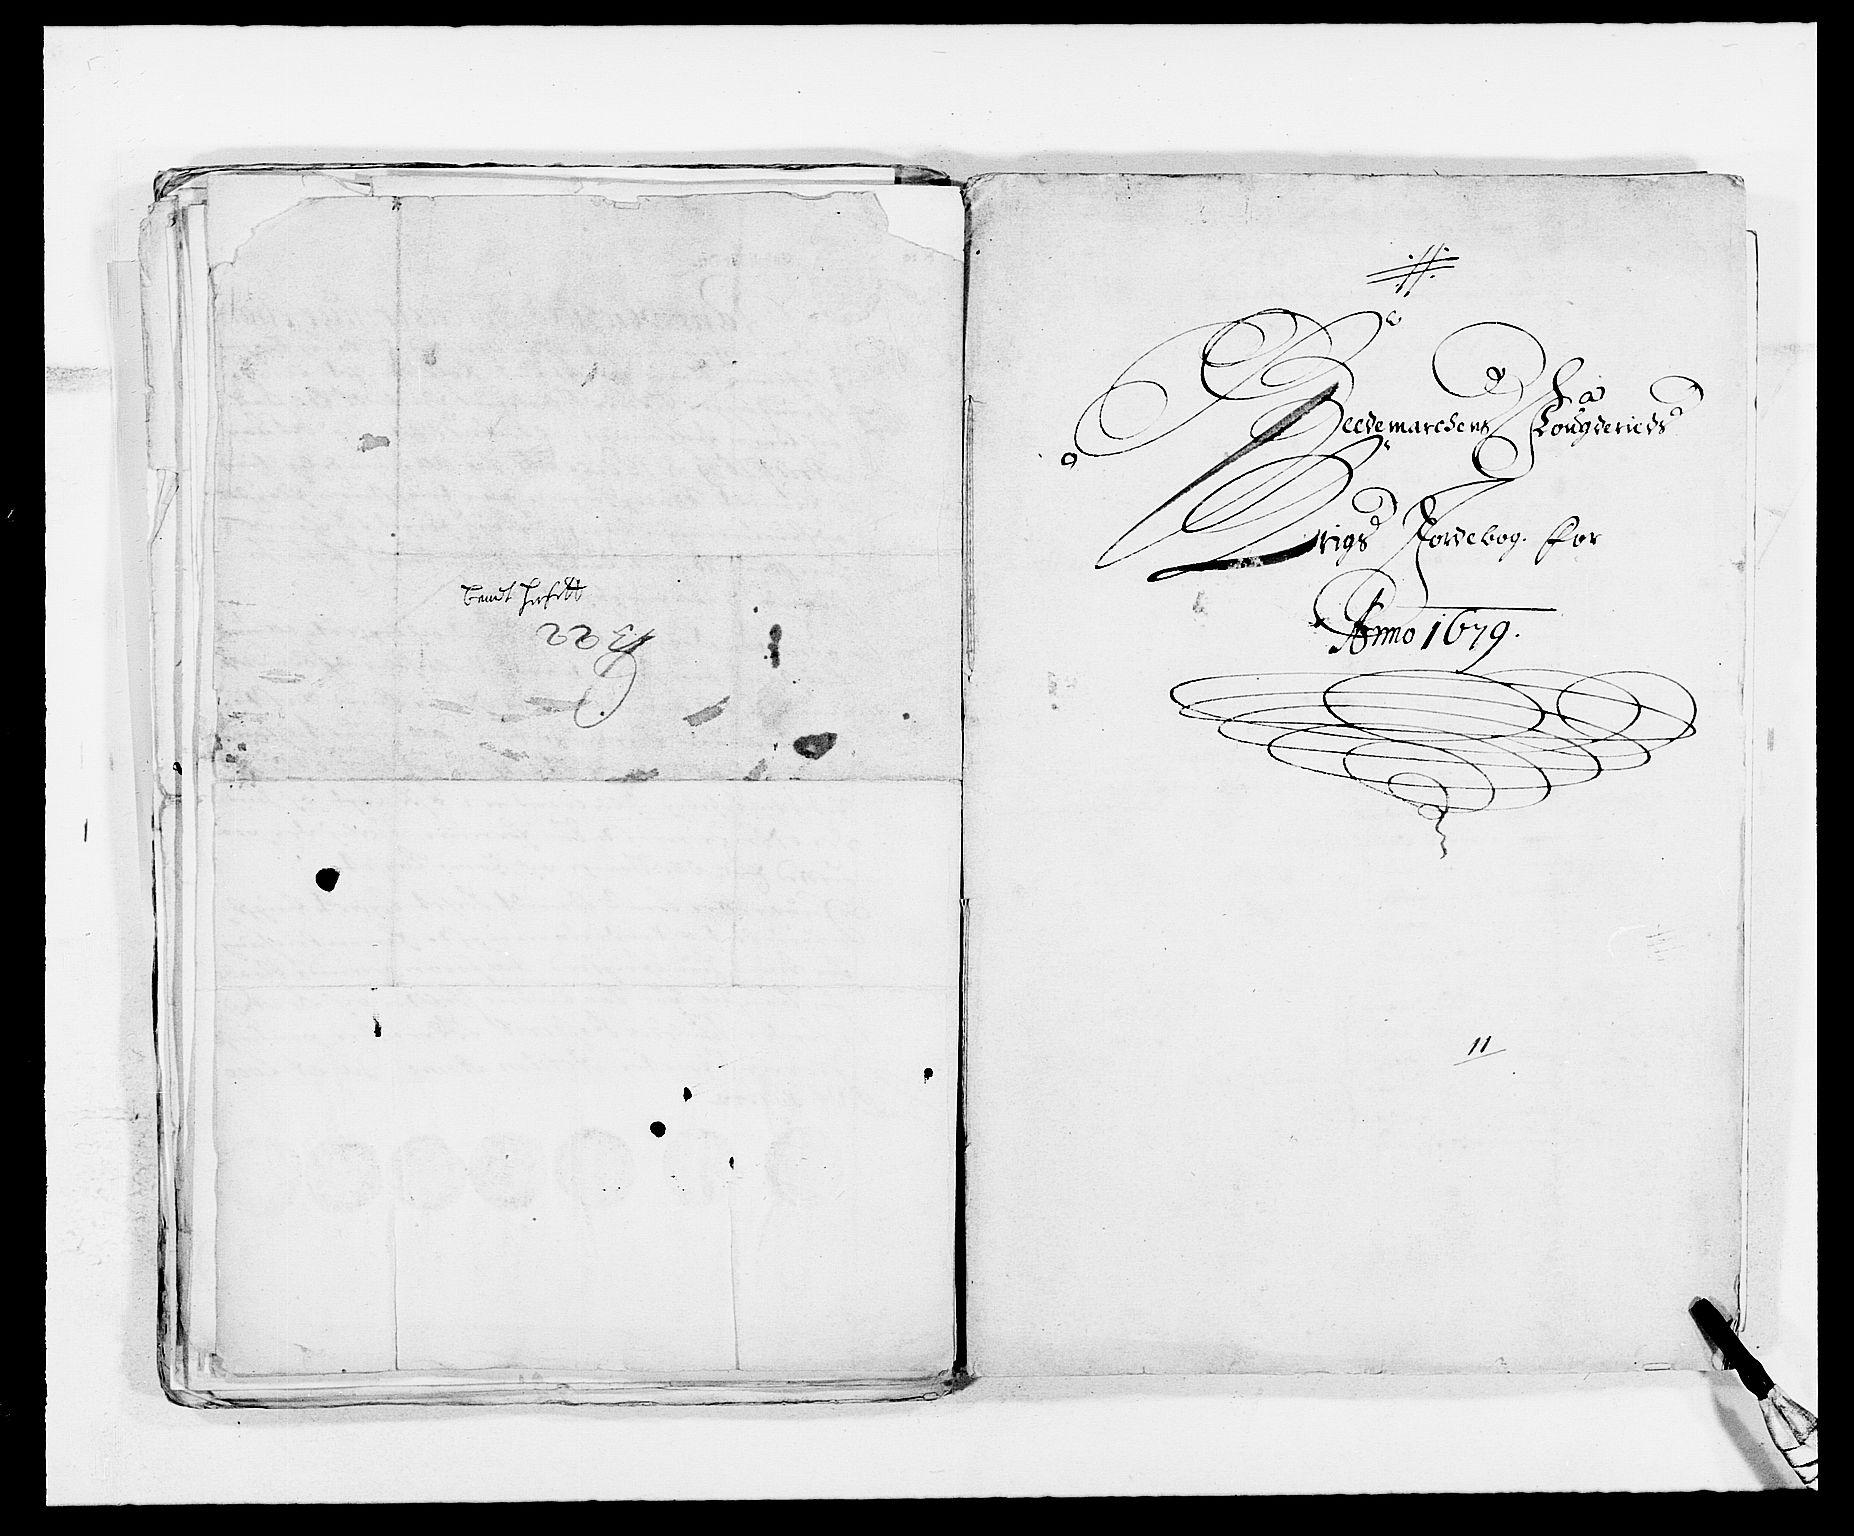 RA, Rentekammeret inntil 1814, Reviderte regnskaper, Fogderegnskap, R16/L1019: Fogderegnskap Hedmark, 1679, s. 60